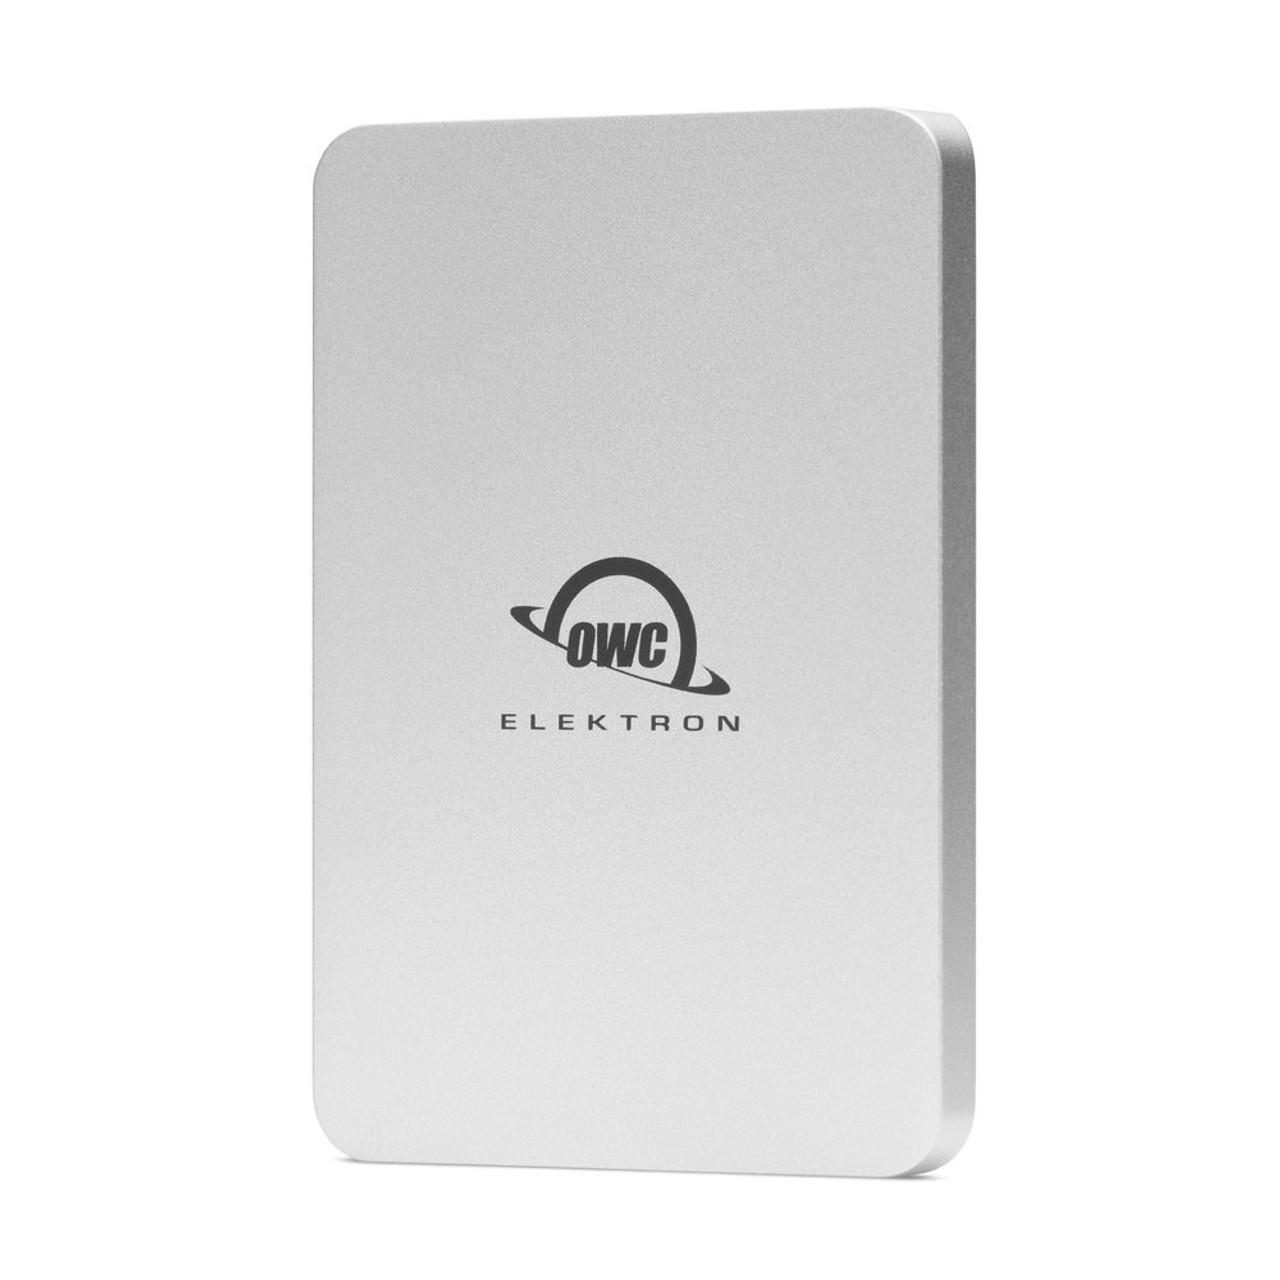 Envoy Pro Elektron 1TB USB-C Portable NVMe SSD